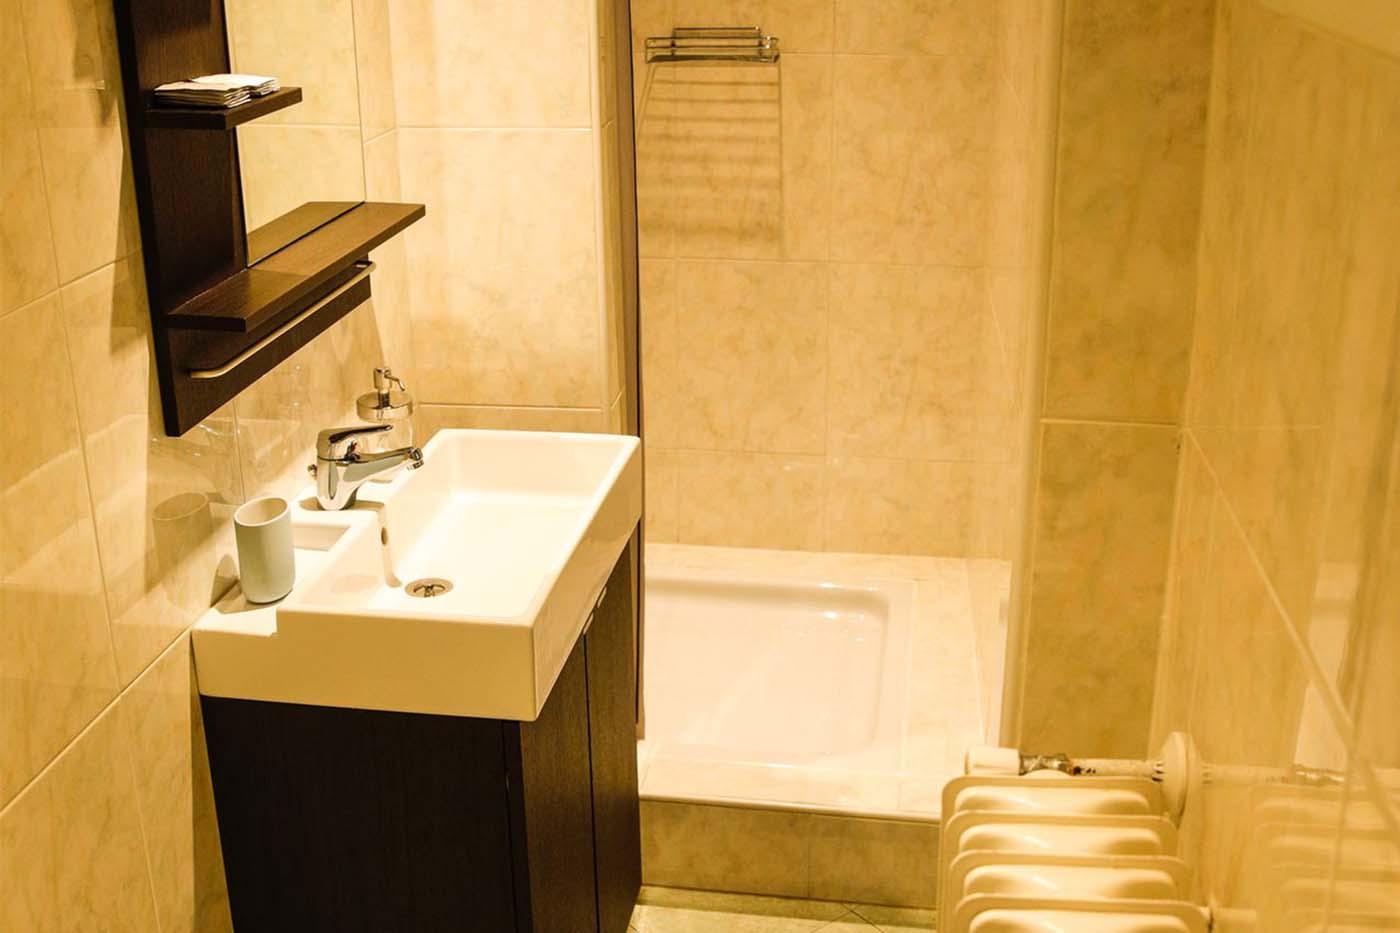 affitto breve treviso centro Appartamento Rialto 13 Treviso